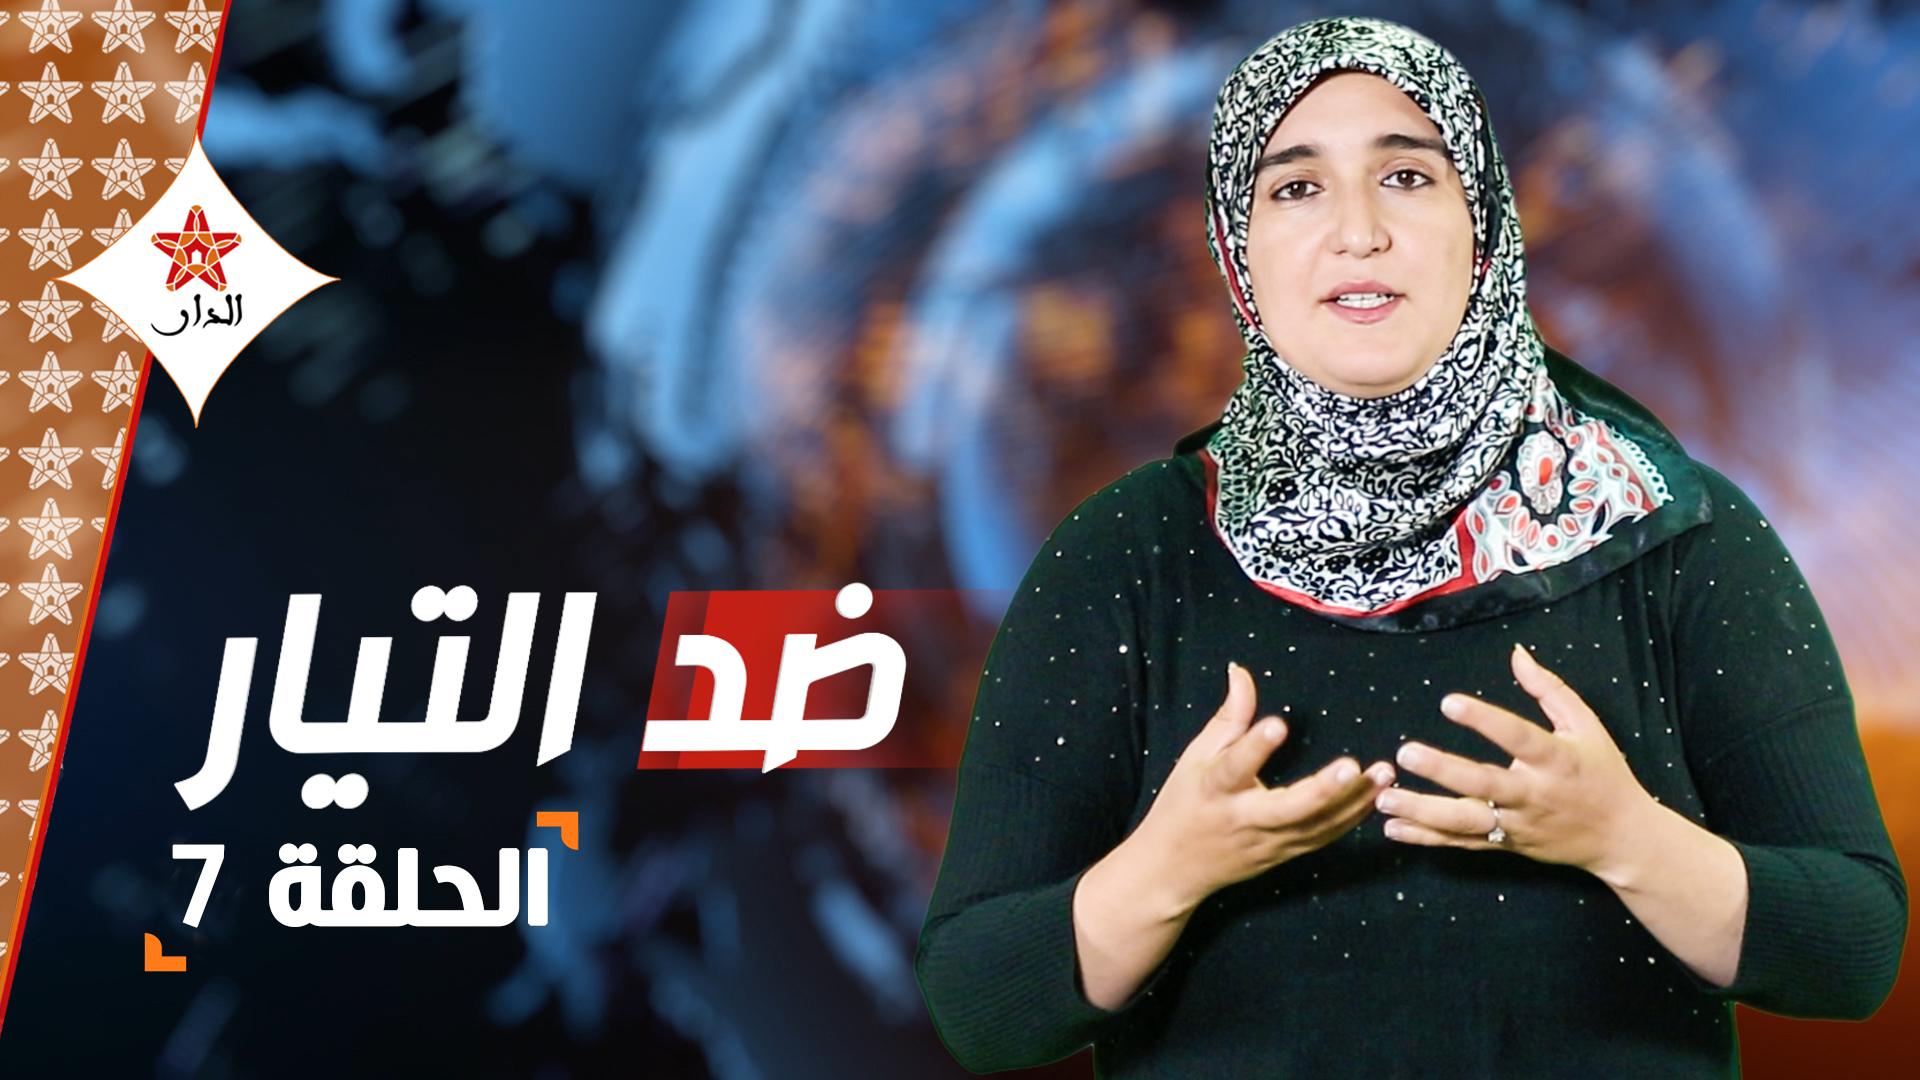 صورة ضد التيار الحلقة 7: المال يتفوق على السلطة بالمغرب والحرب الطاحنة داخل الأحزاب وقطارات لا شيء